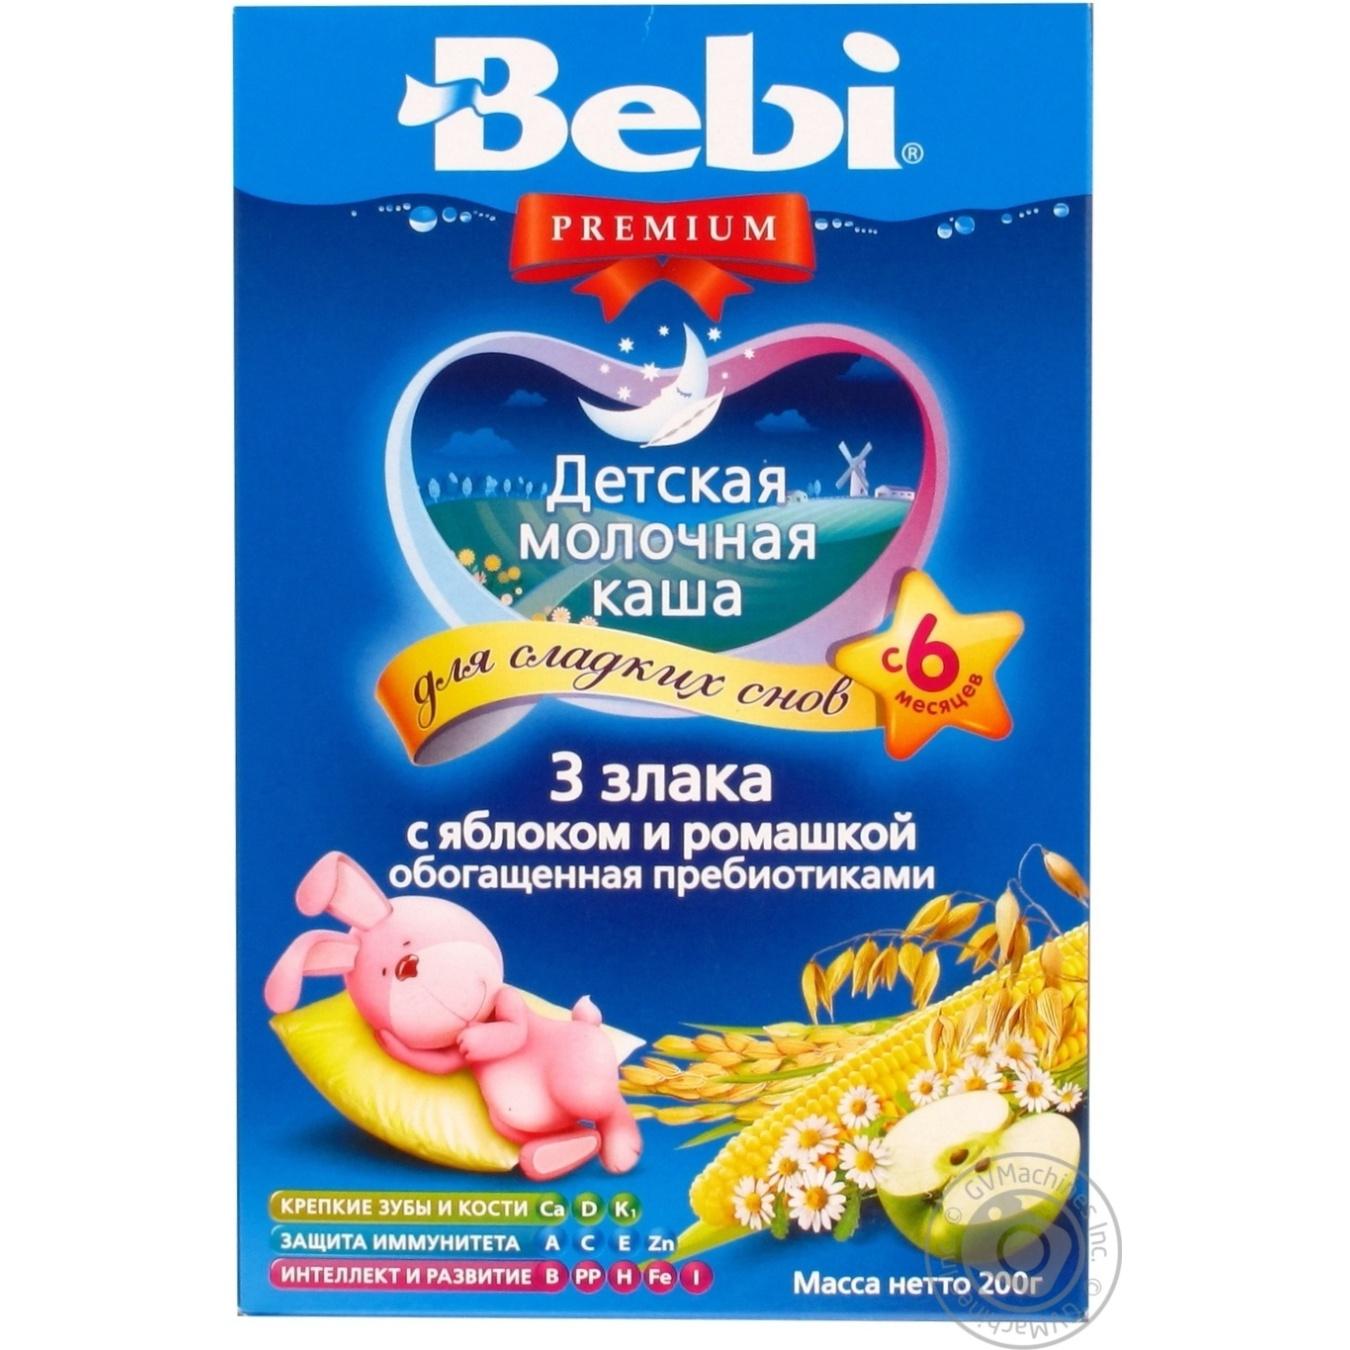 Купить Каша Bebi Premium 3 злака яблоко ромашка 200г